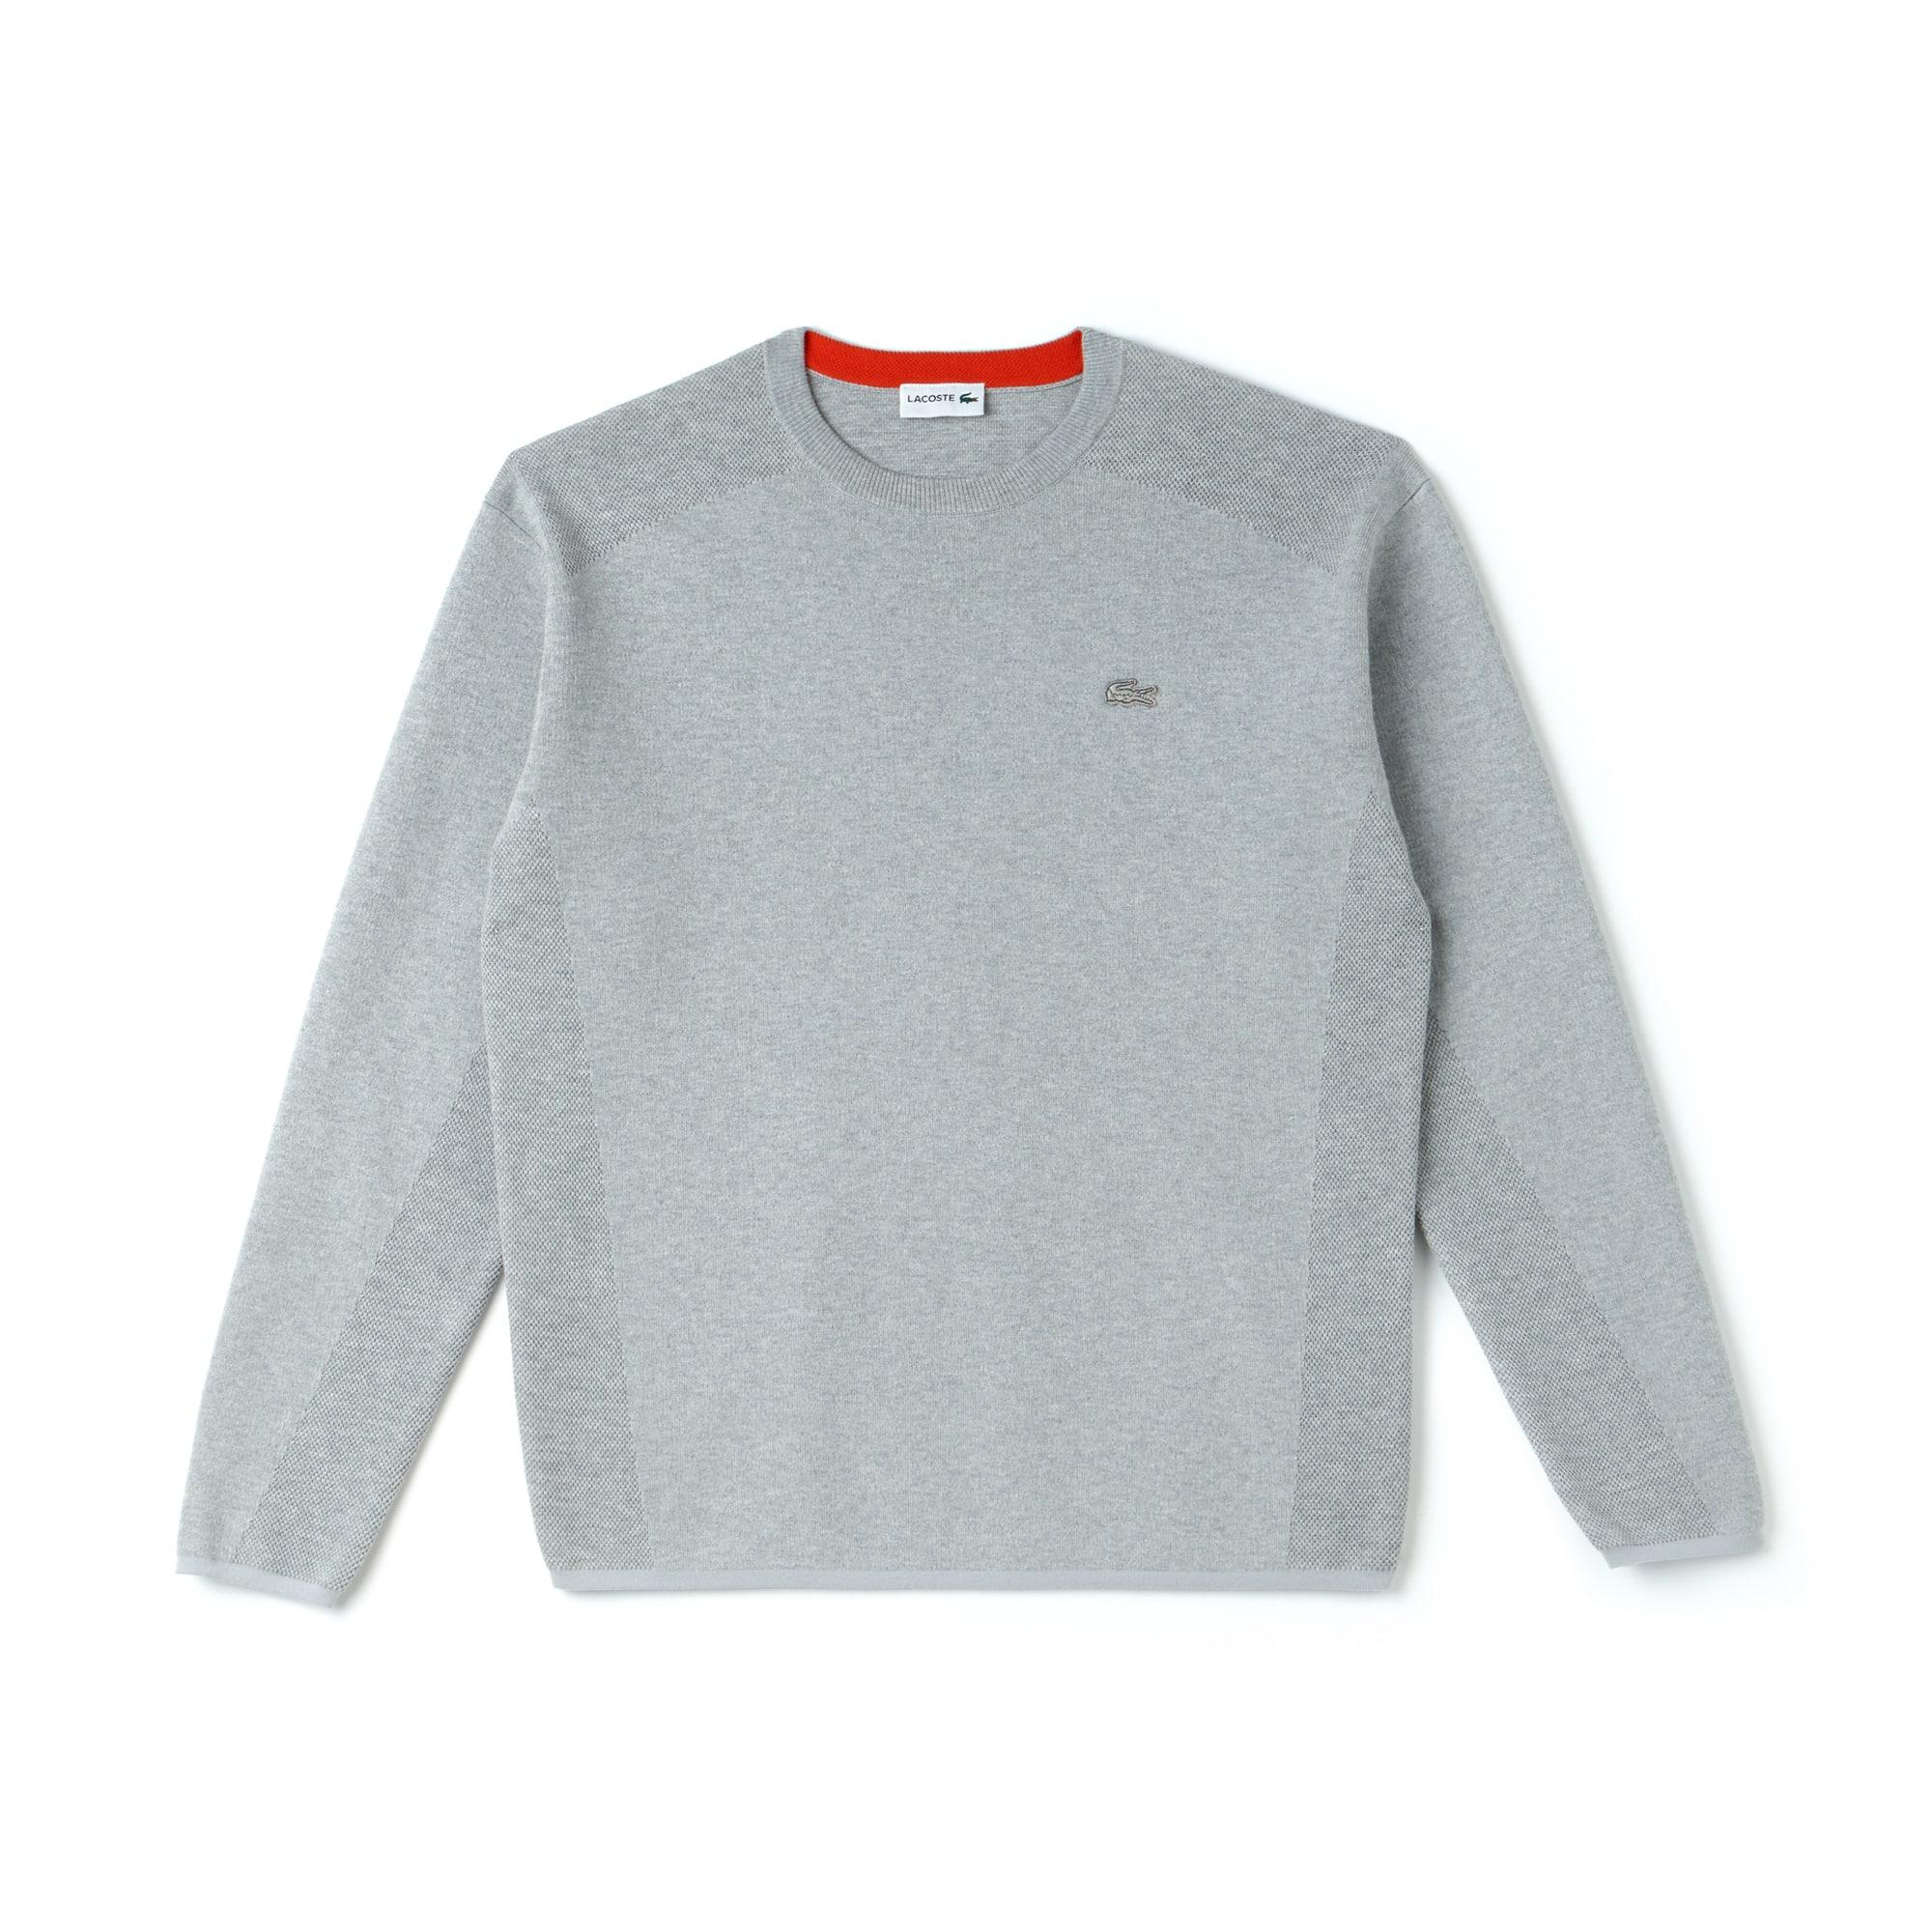 Camisola com decote redondo Lacoste Motion em algodão coolmax